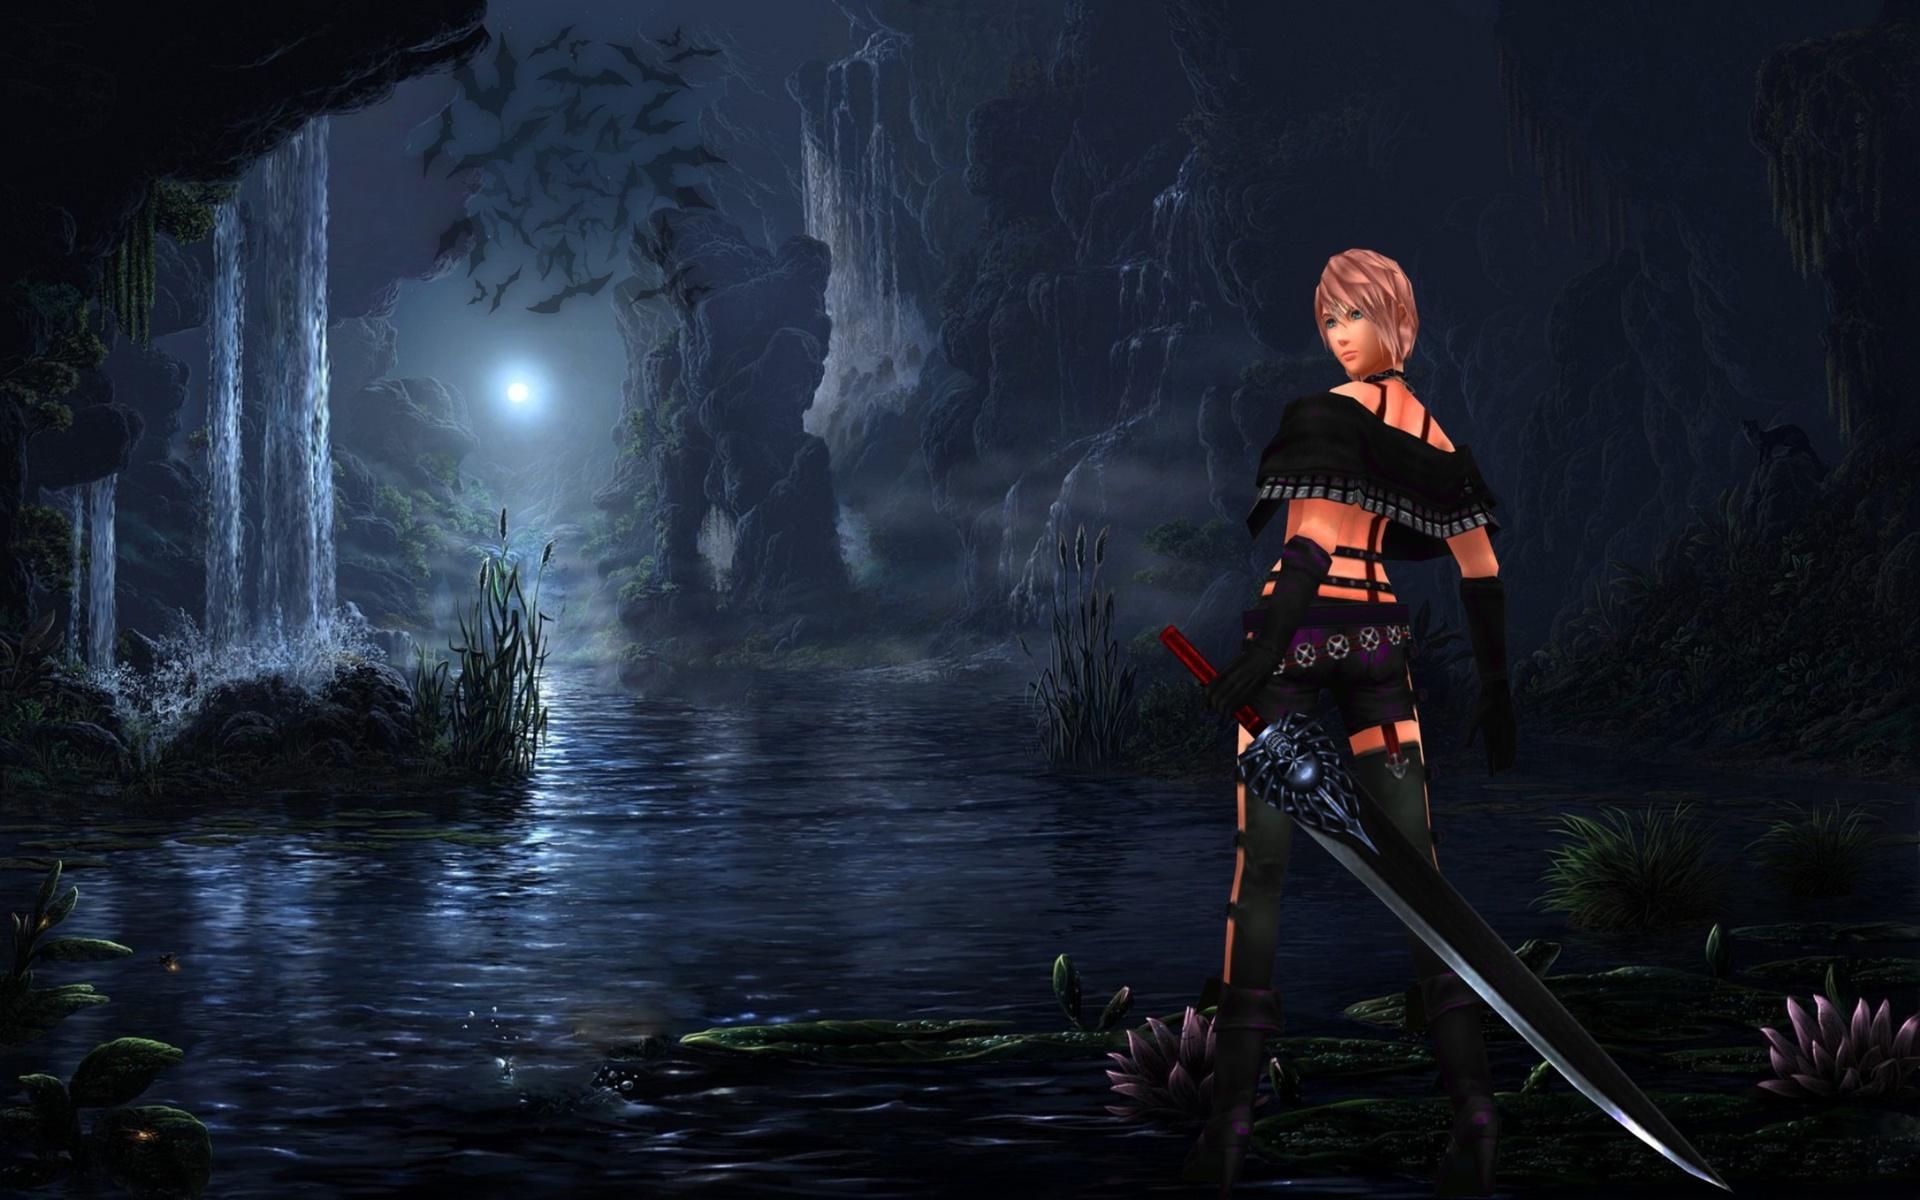 воительница, меч, пейзаж, ночь